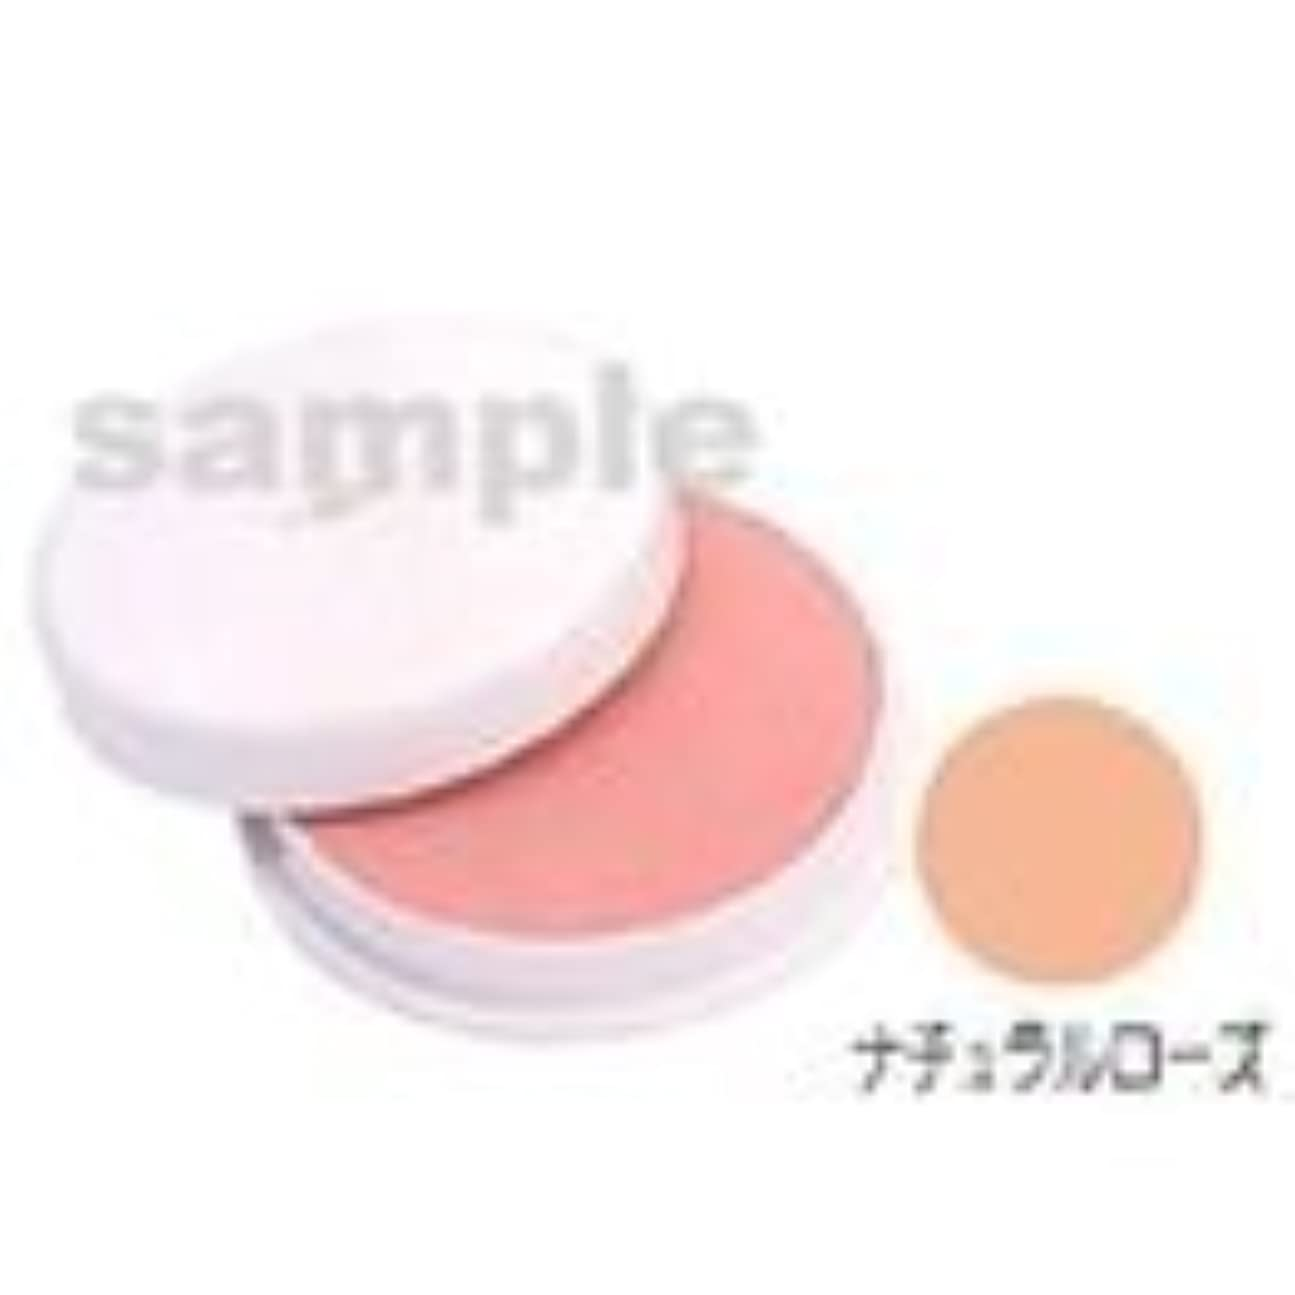 可決石灰岩楕円形三善 フェースケーキ ナチュラルローズ